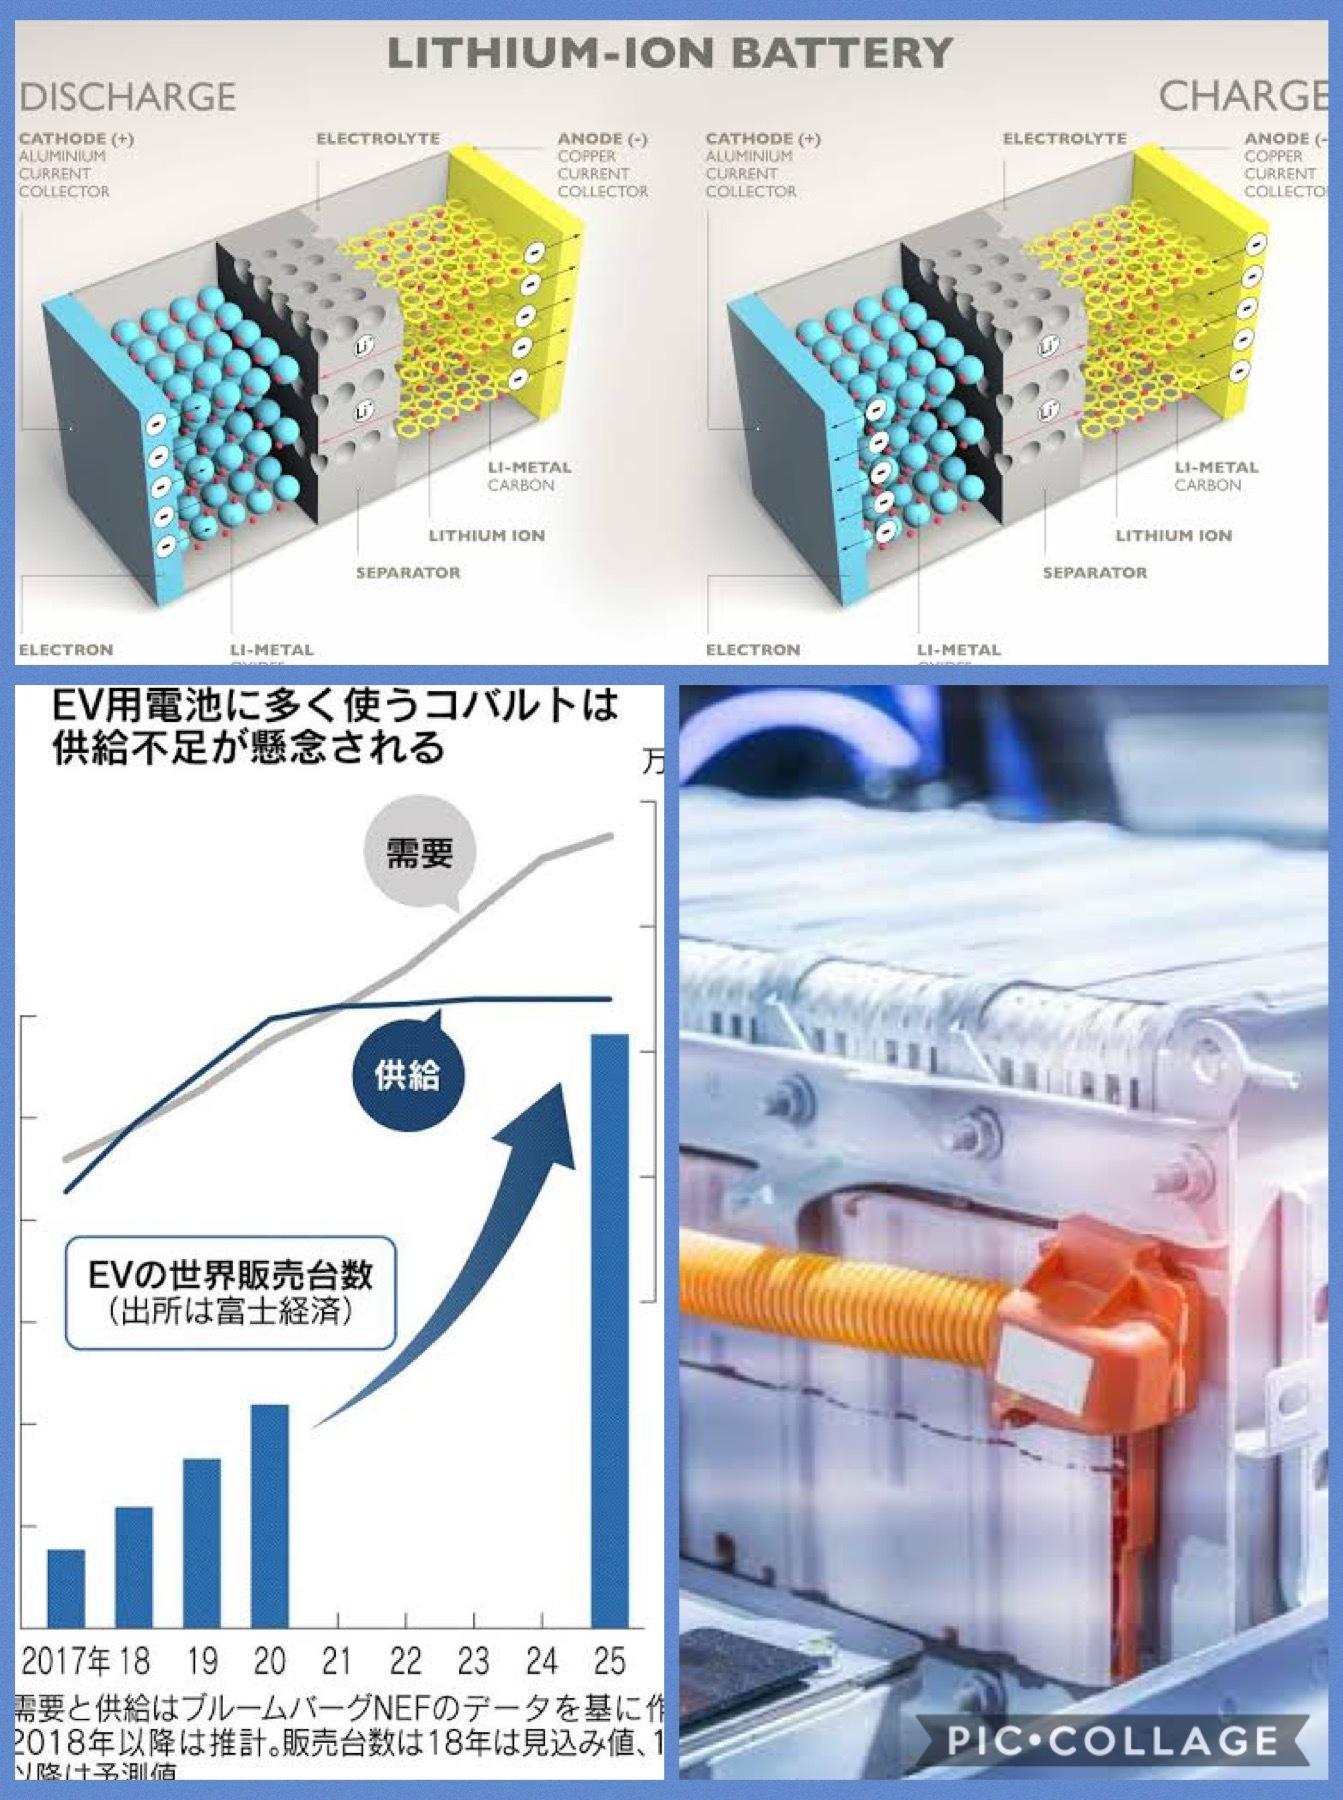 コバルトフリー リチウムイオン電池